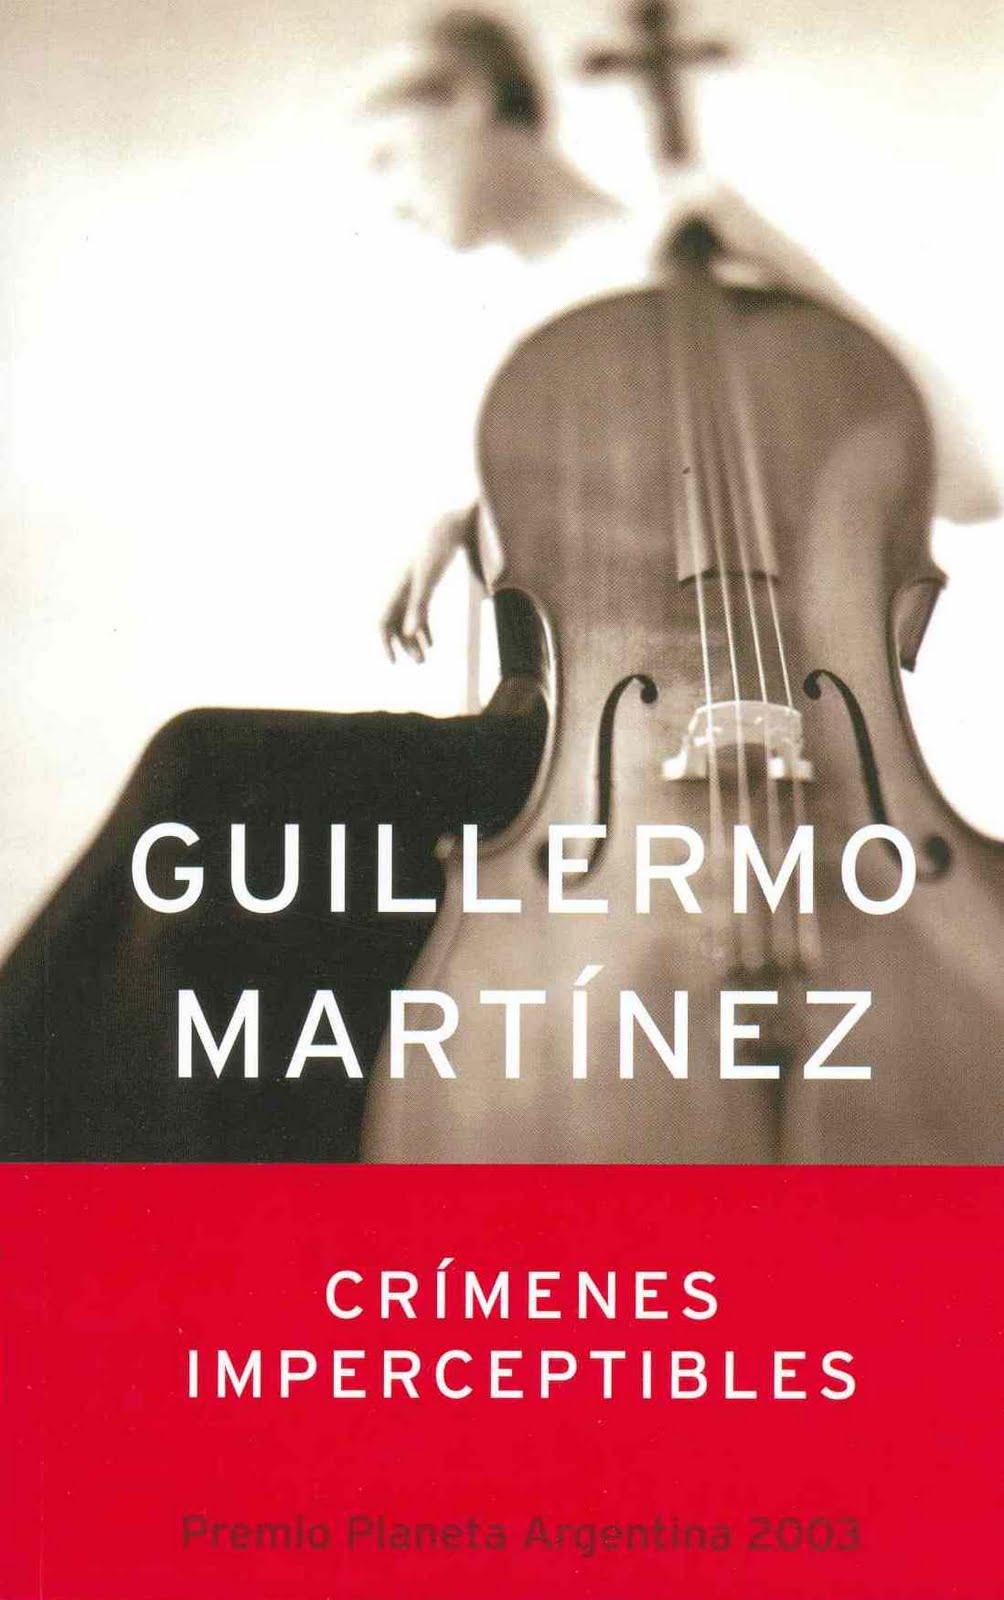 Crímenes imerceptibles 01